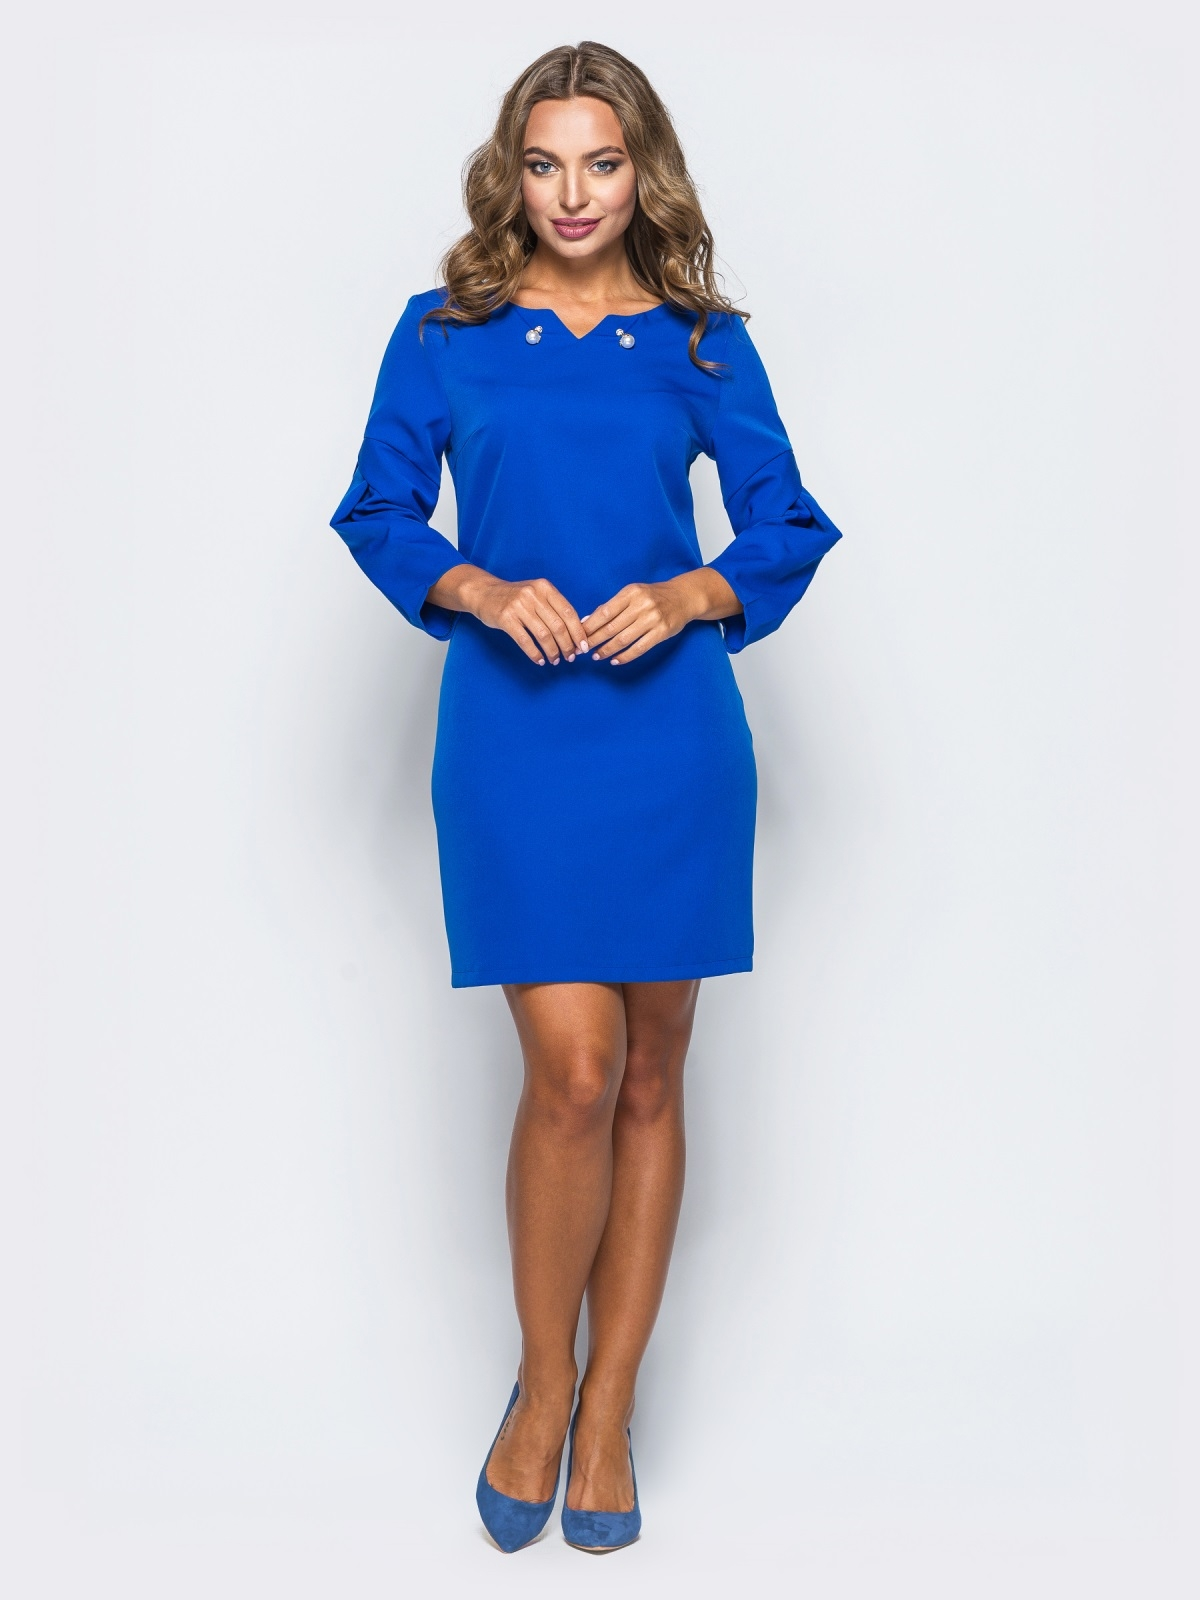 теперь перейдем жемчуг с синим платьем фото большинства моделистов изготовление